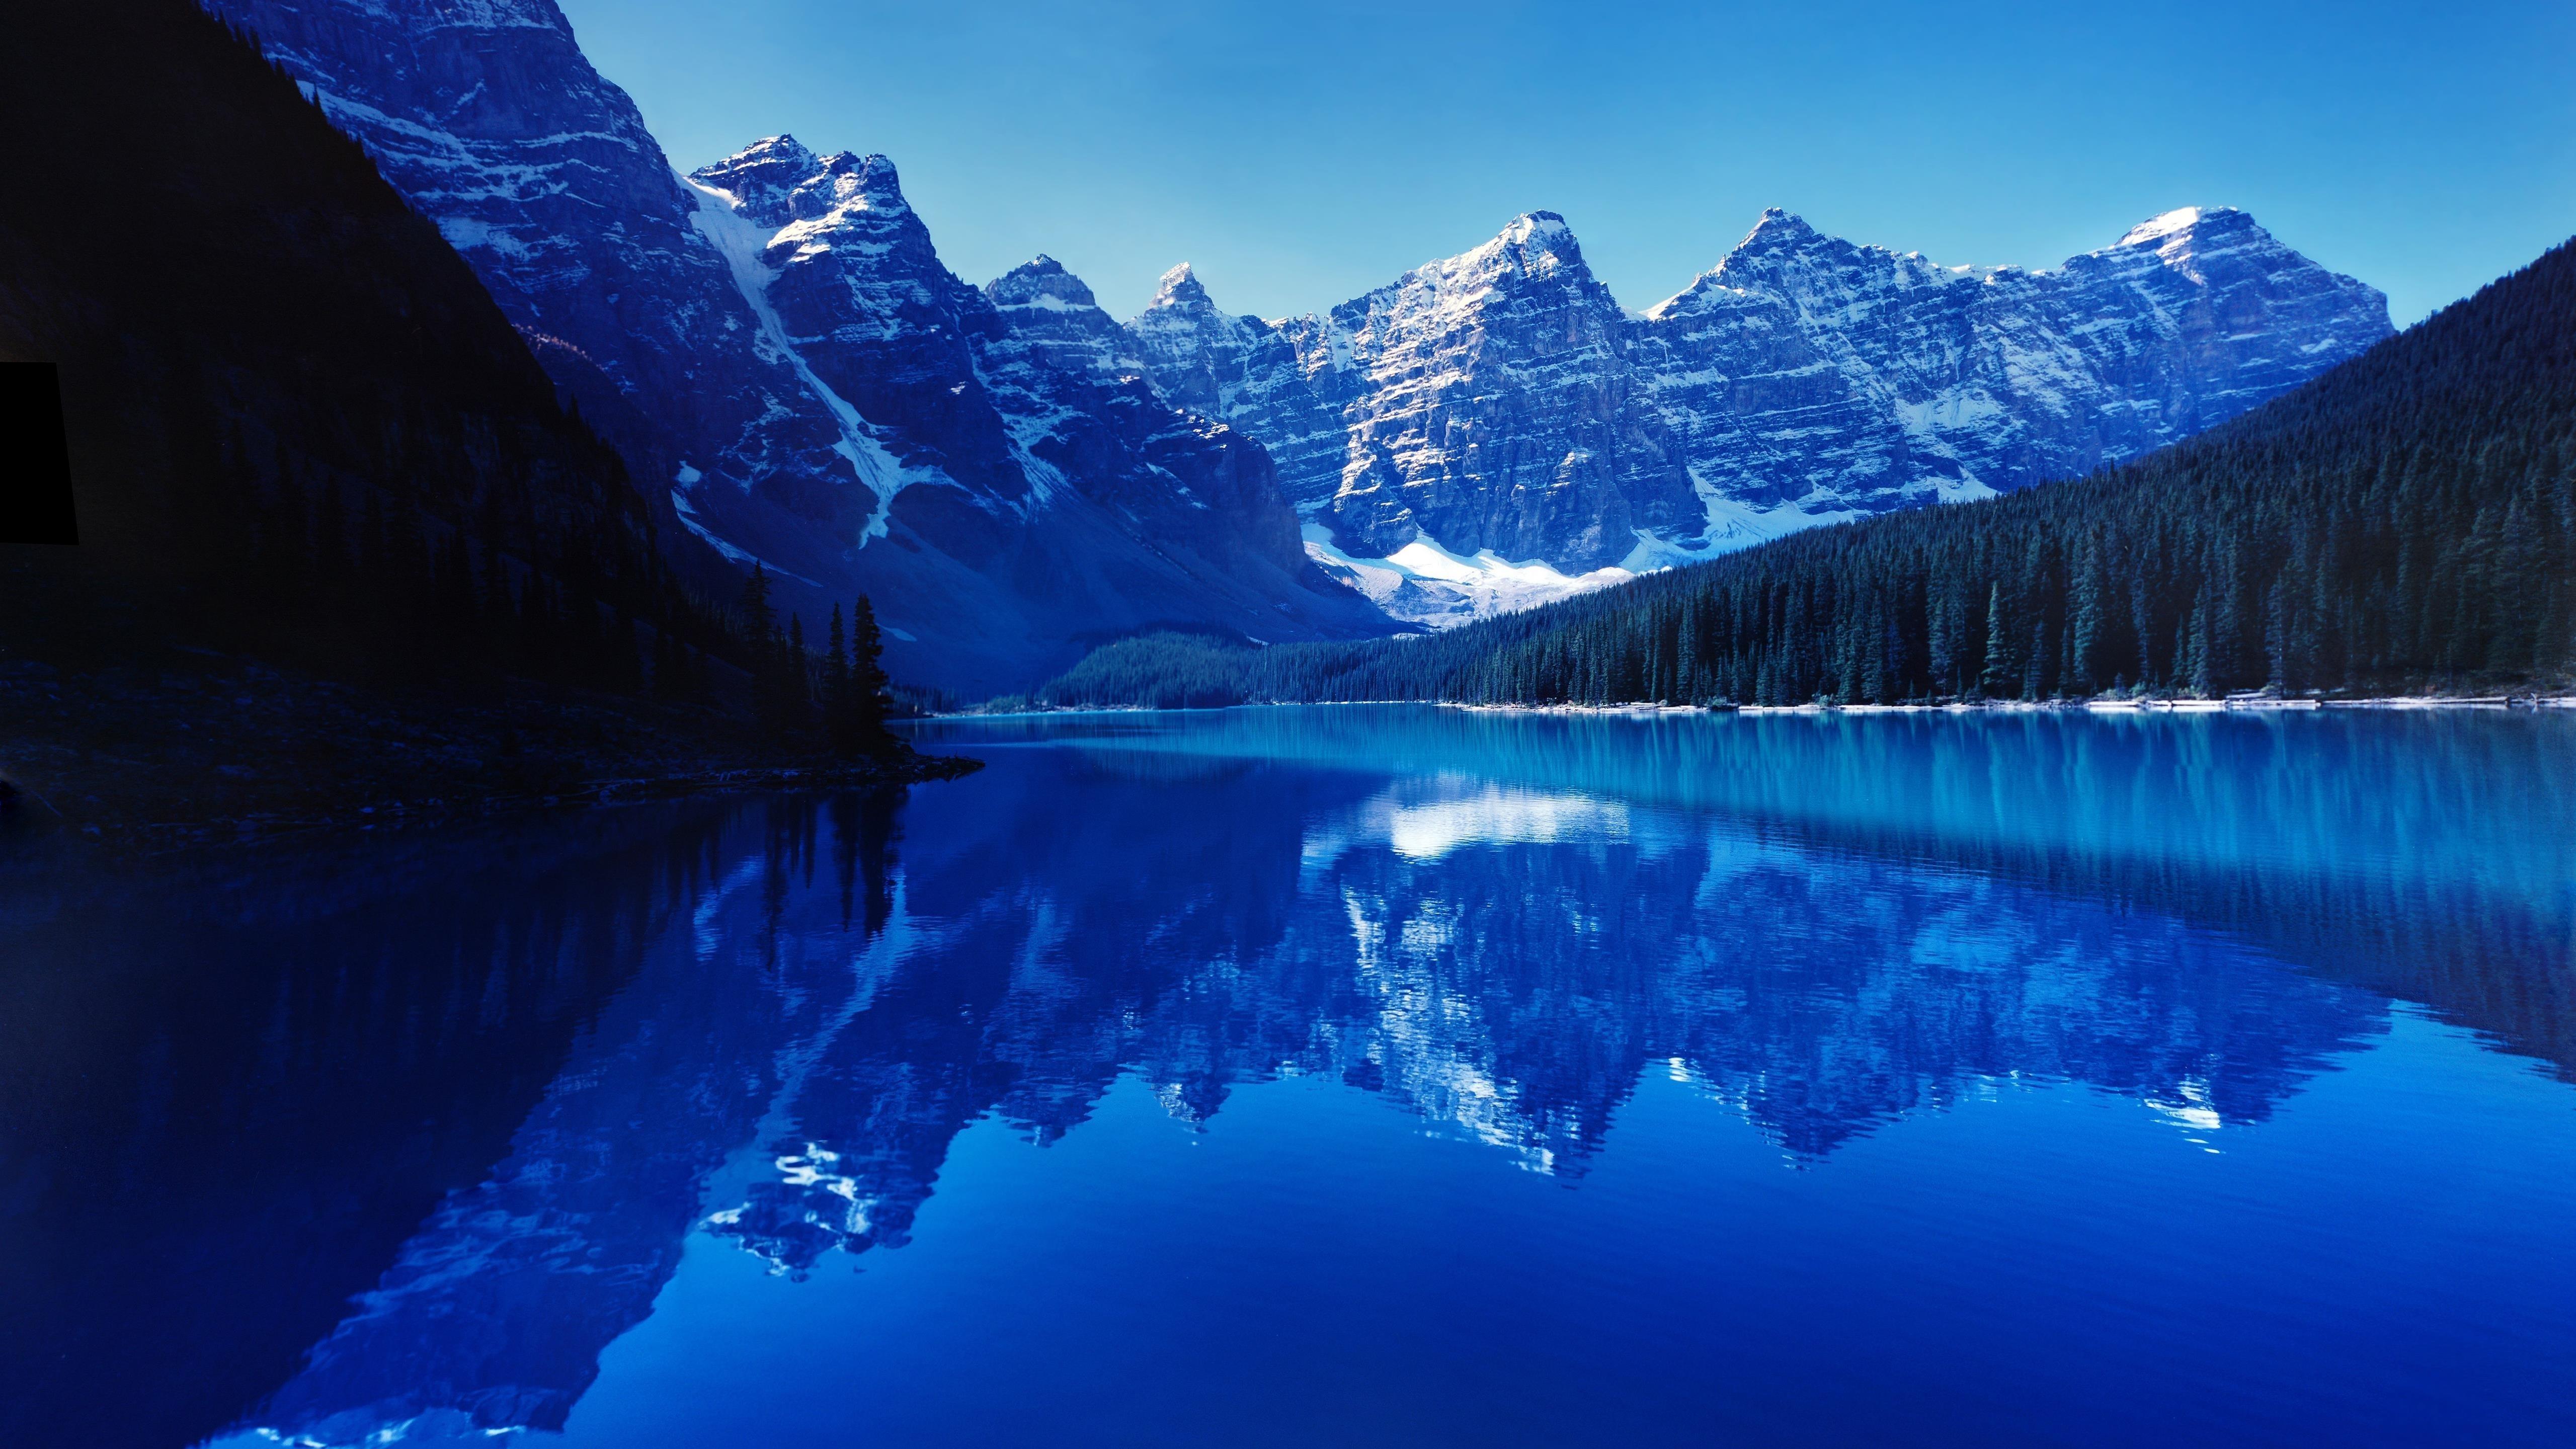 Моренное озеро обои скачать